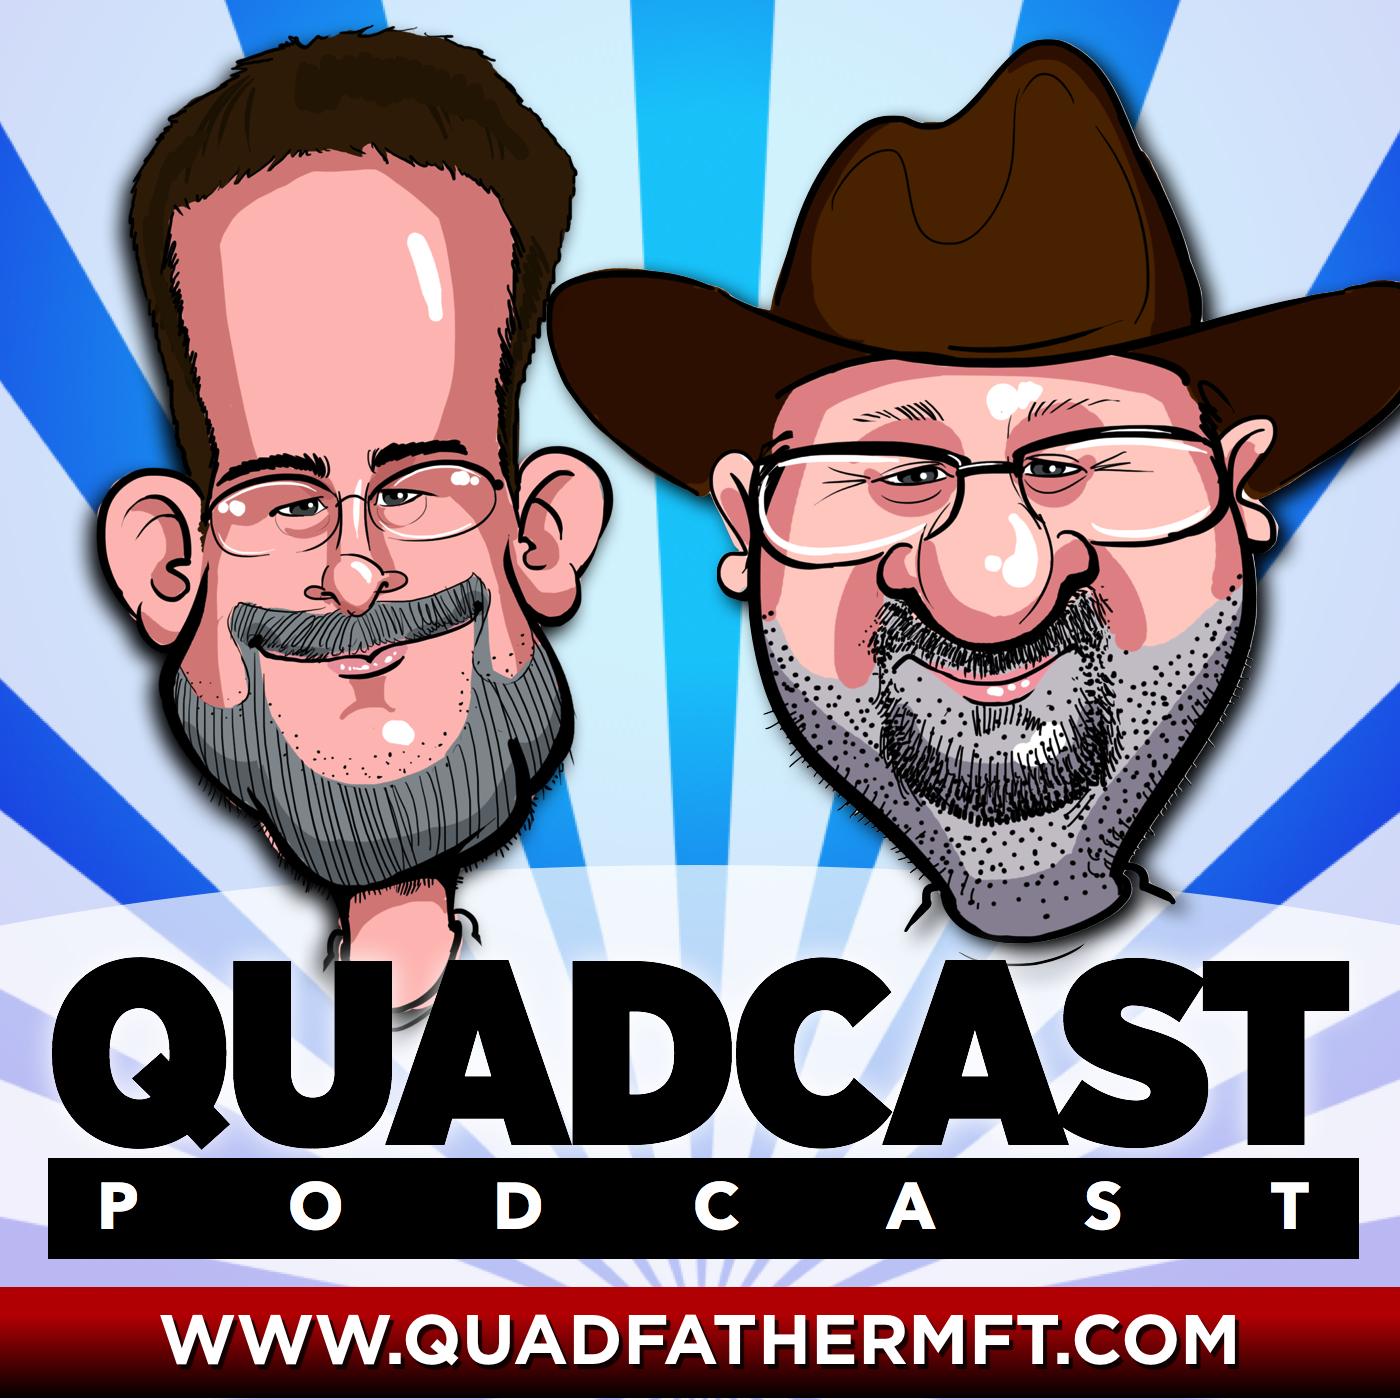 QuadCast podcast logo